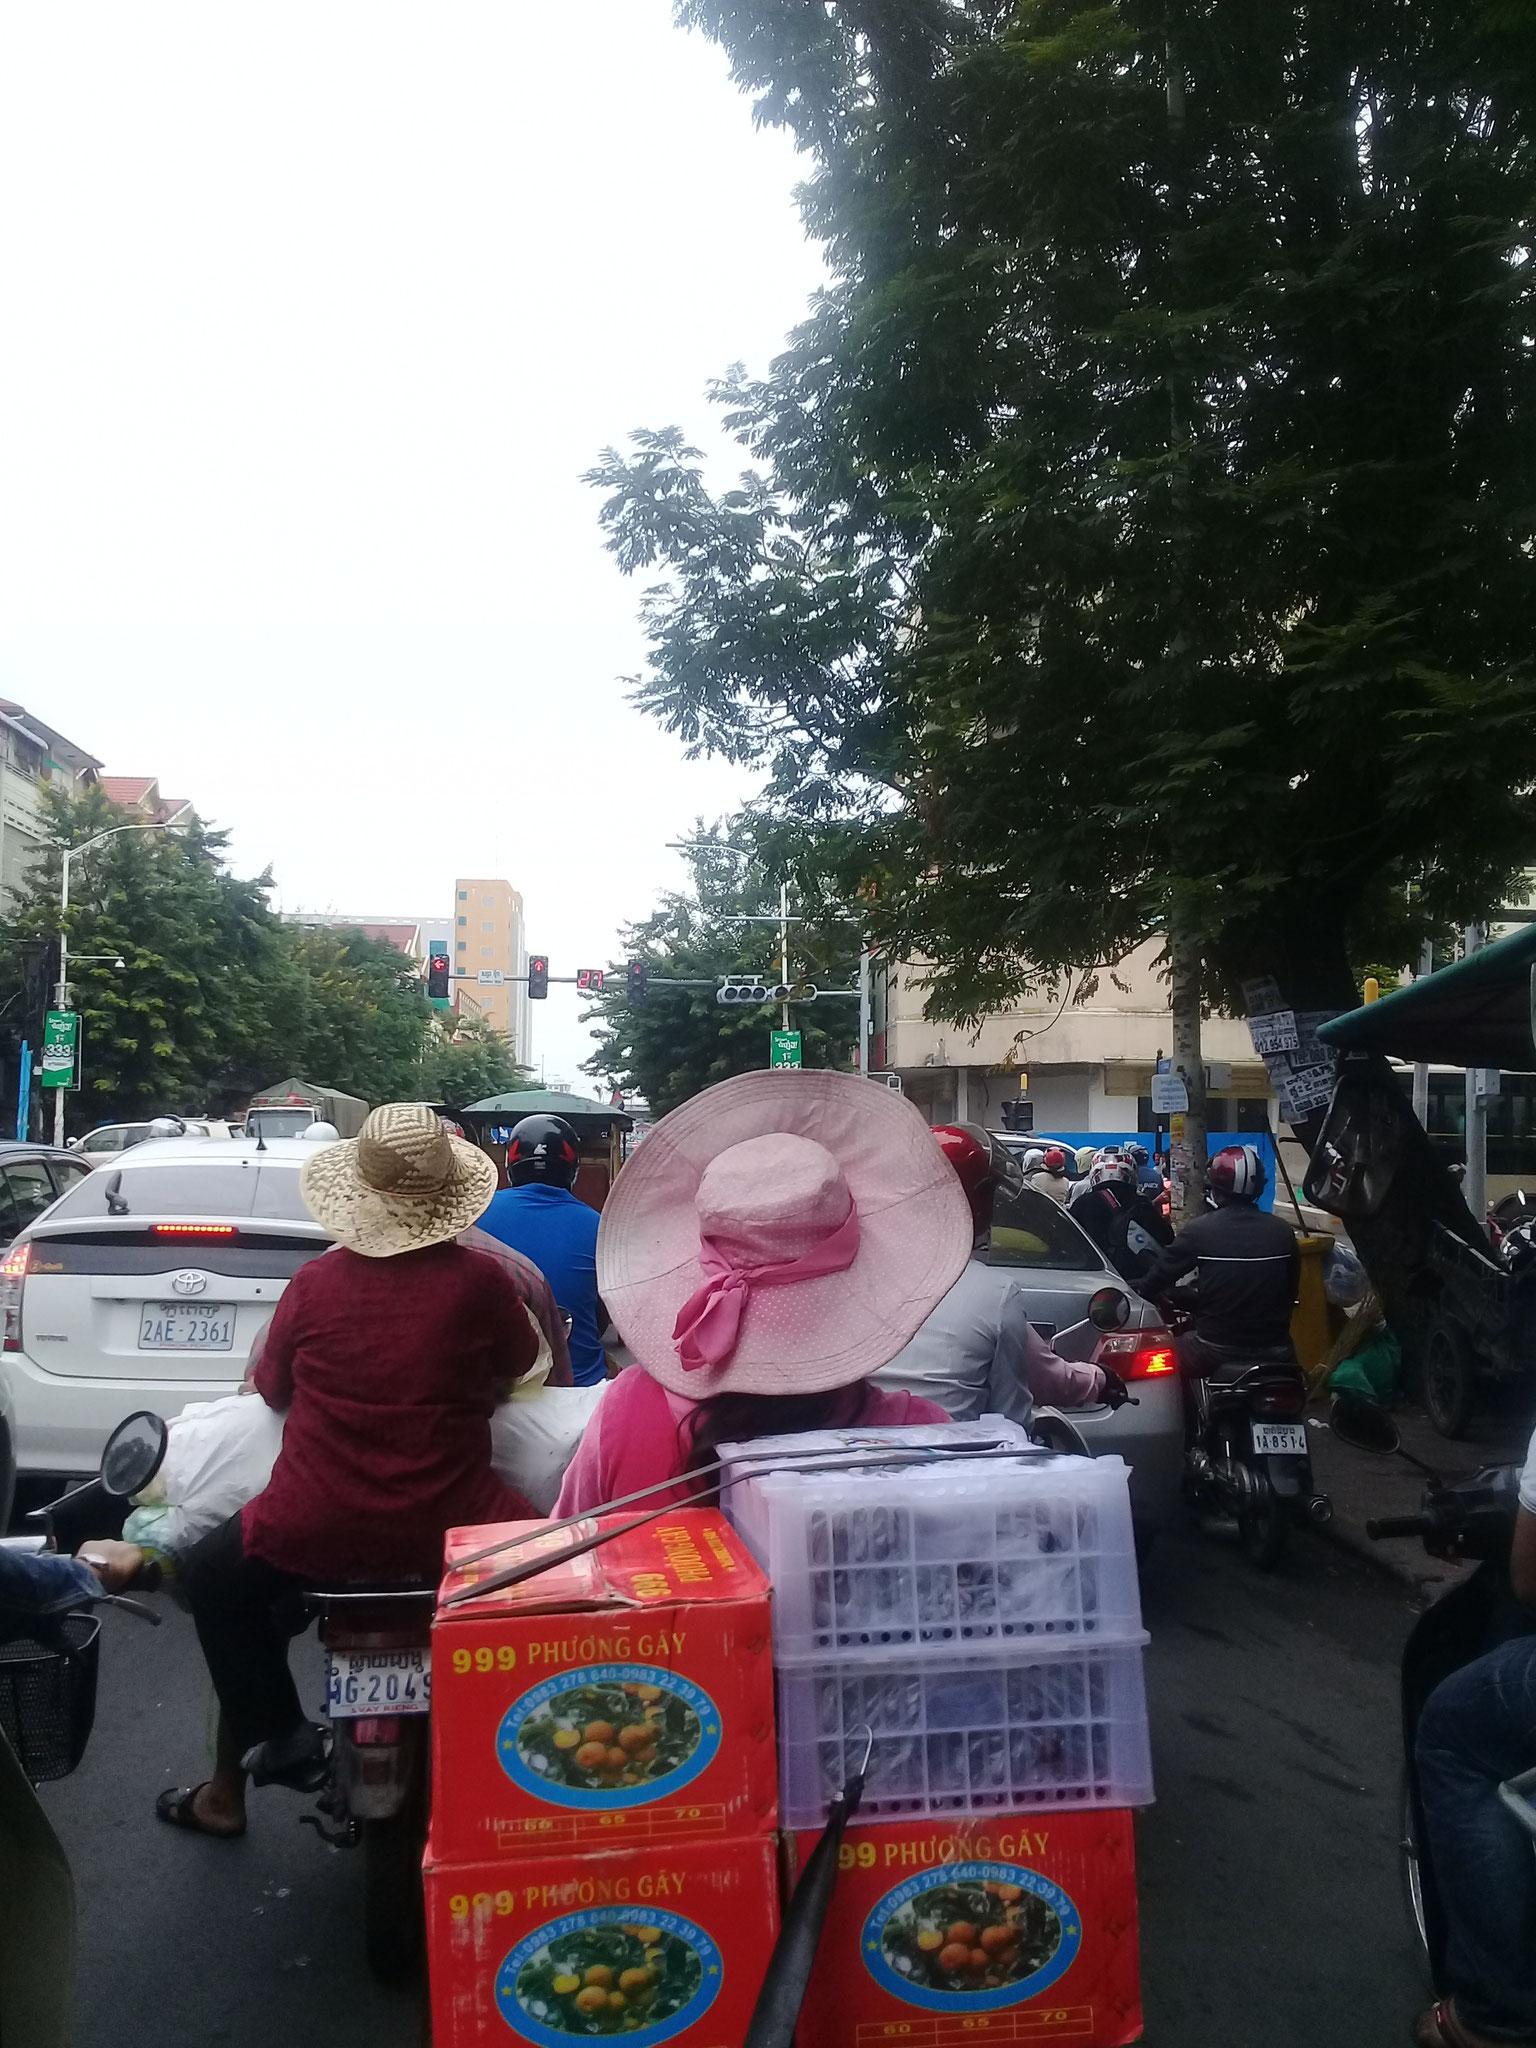 diese Dame mit schönem Hut hat glaube ich Früchte aus Vietnam geladen